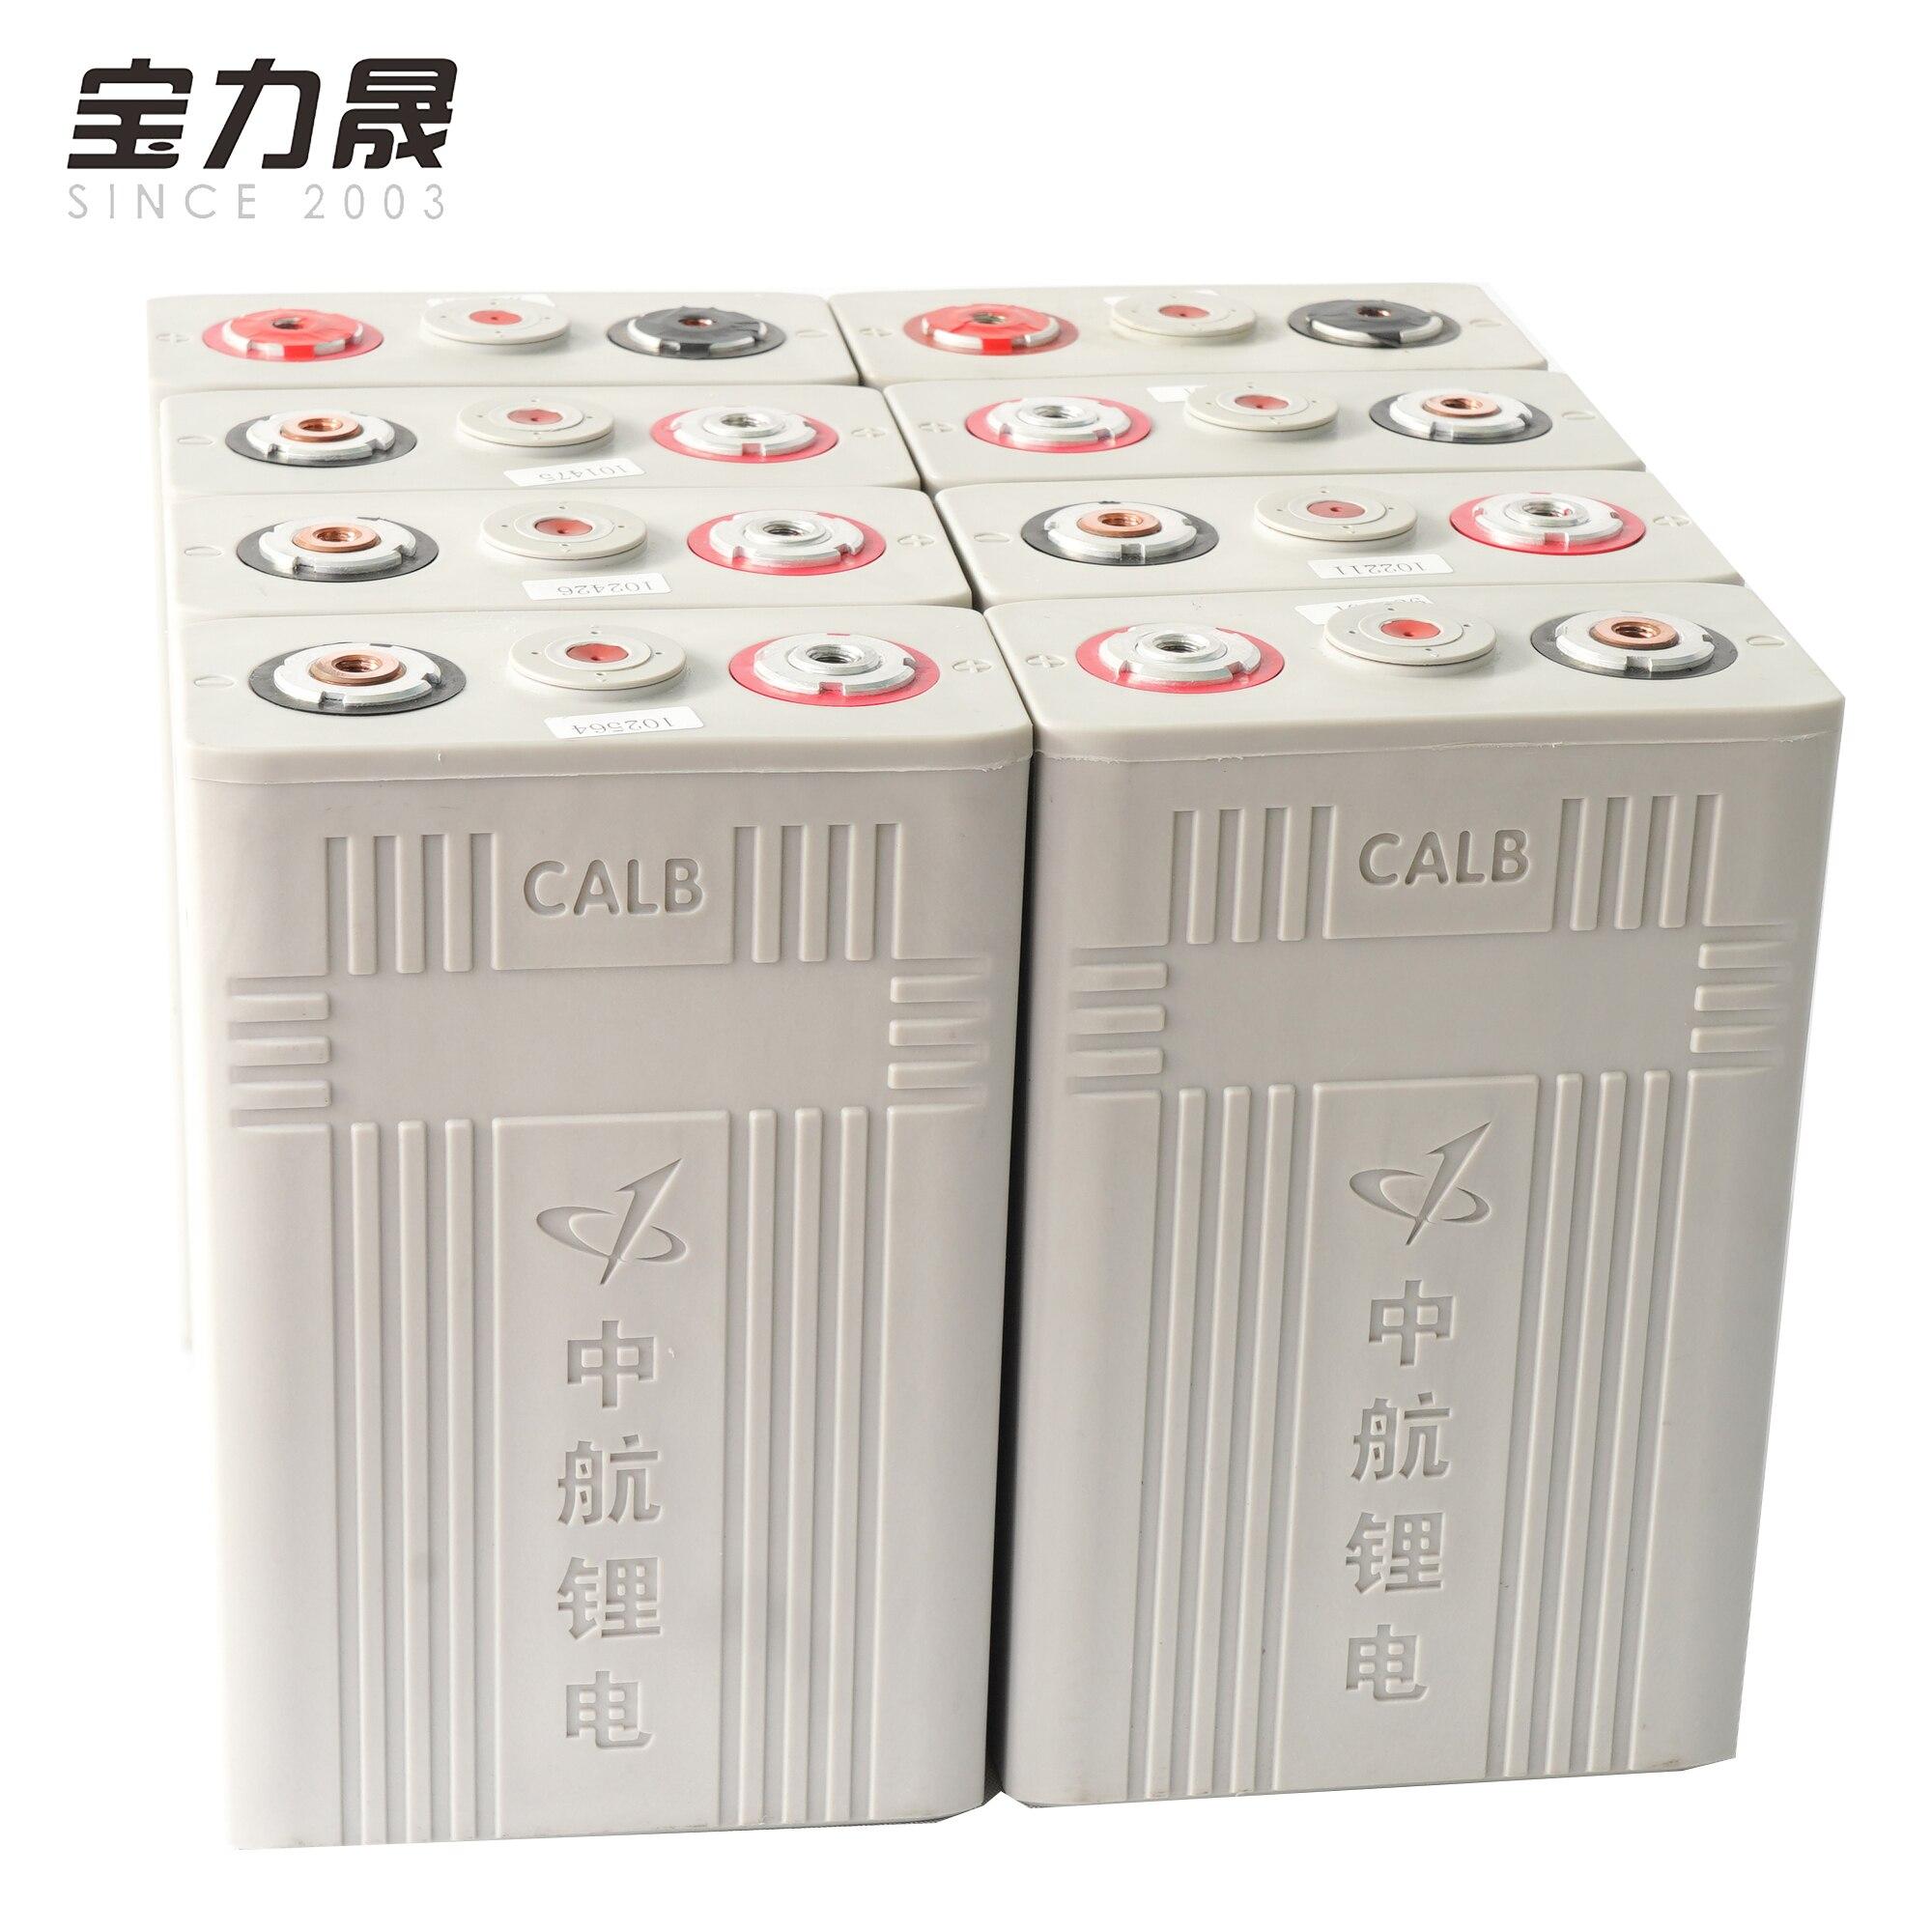 3.2v100ah Lifepo4 batterie 8 pièces CALB 12V200AH 24V100Ah CA100 batterie haute capacité pour RV solaire US ue royaume-uni sans taxe UPS FEDEX